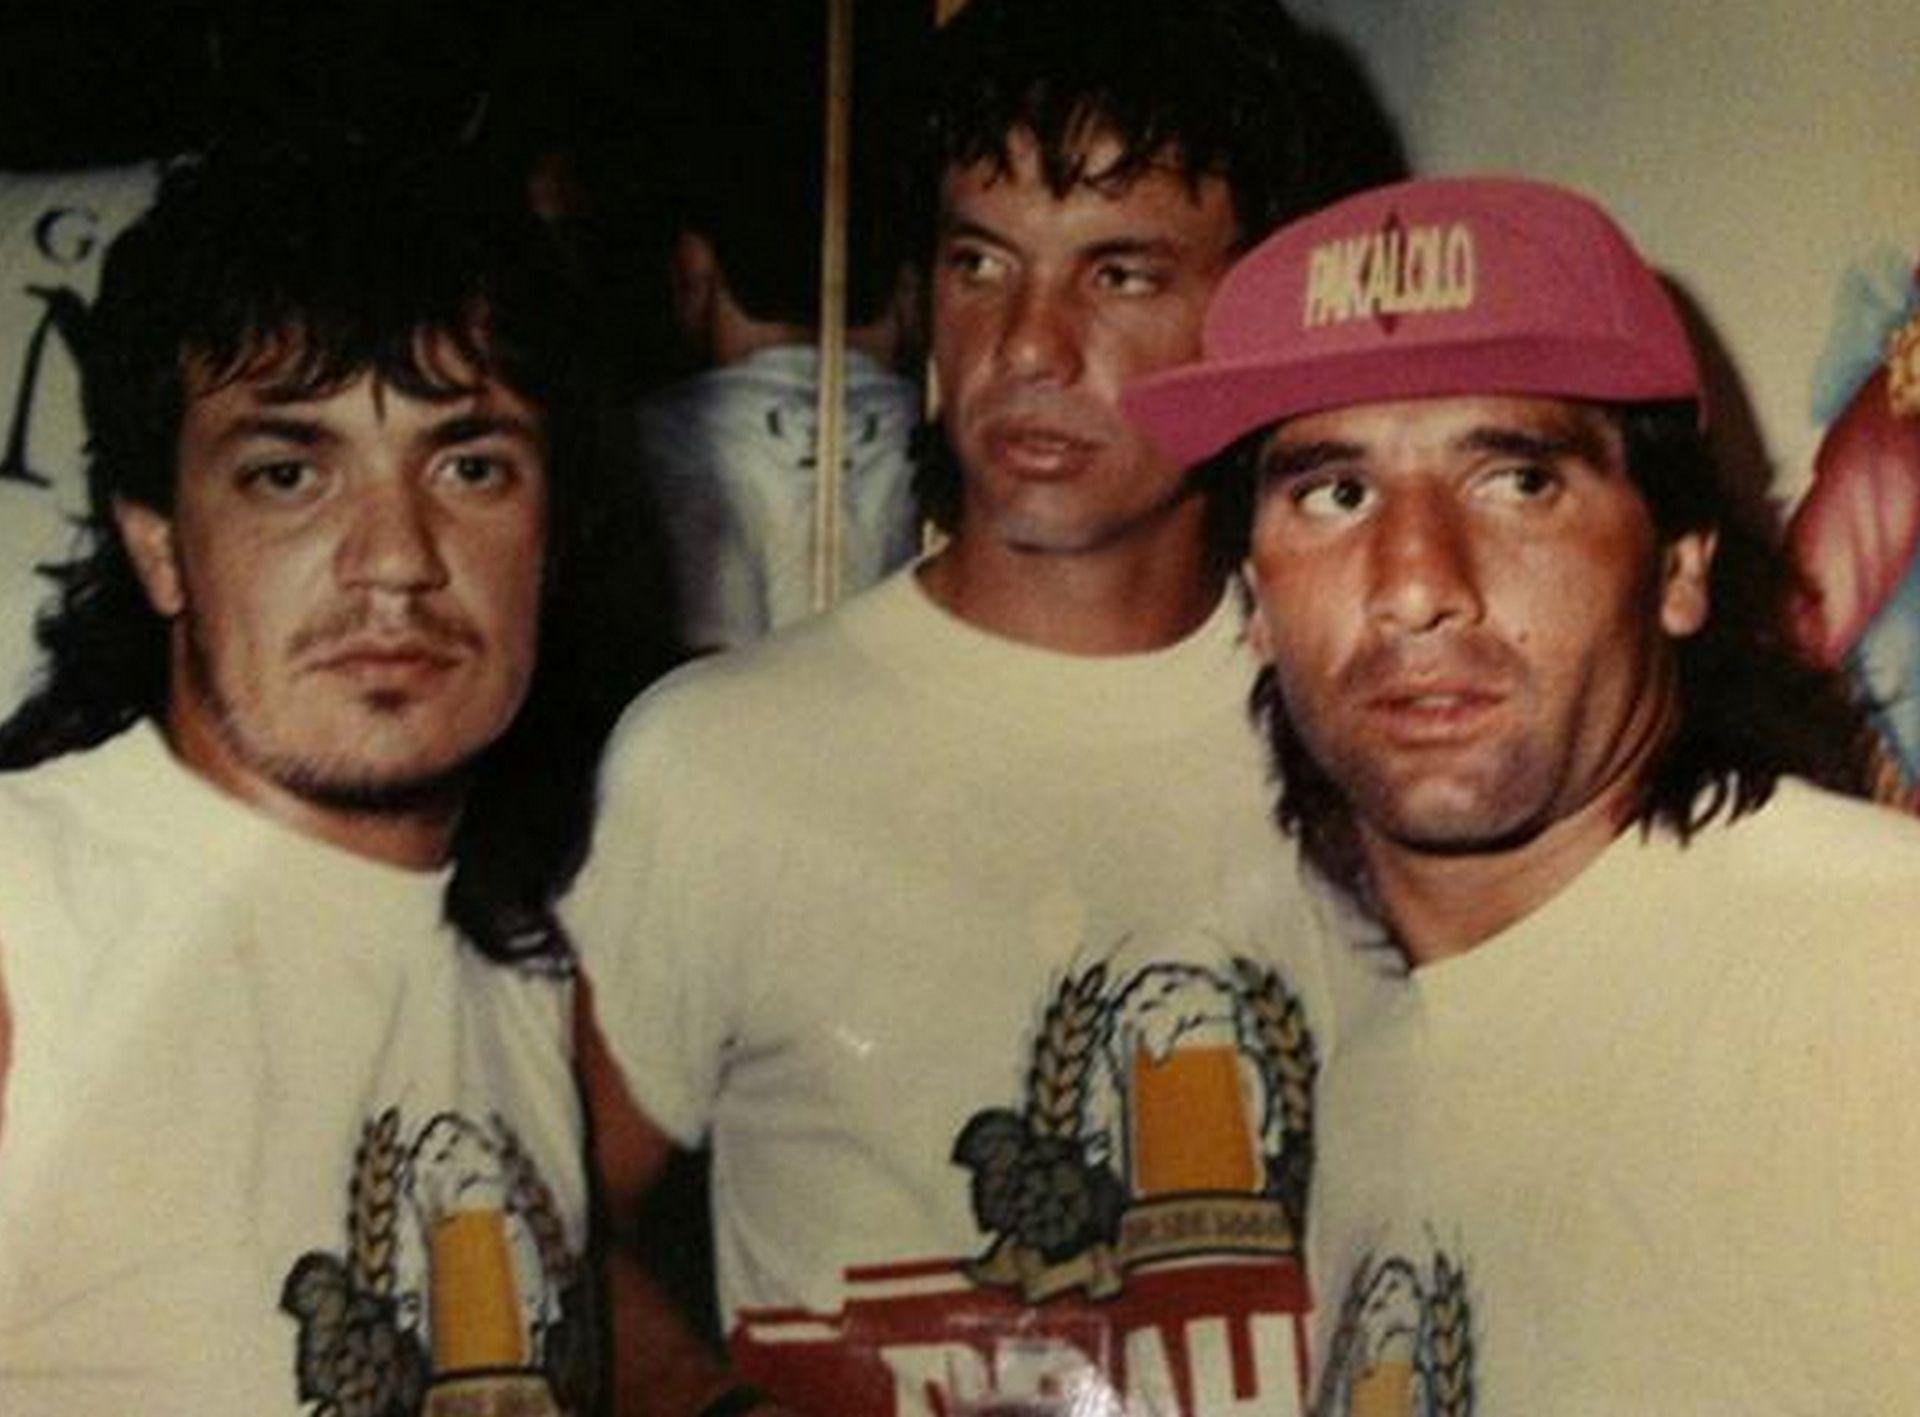 Героят на историята (вляво) с истинската звезда Ренато Гаучо (в средата) - приликата е очевидна.